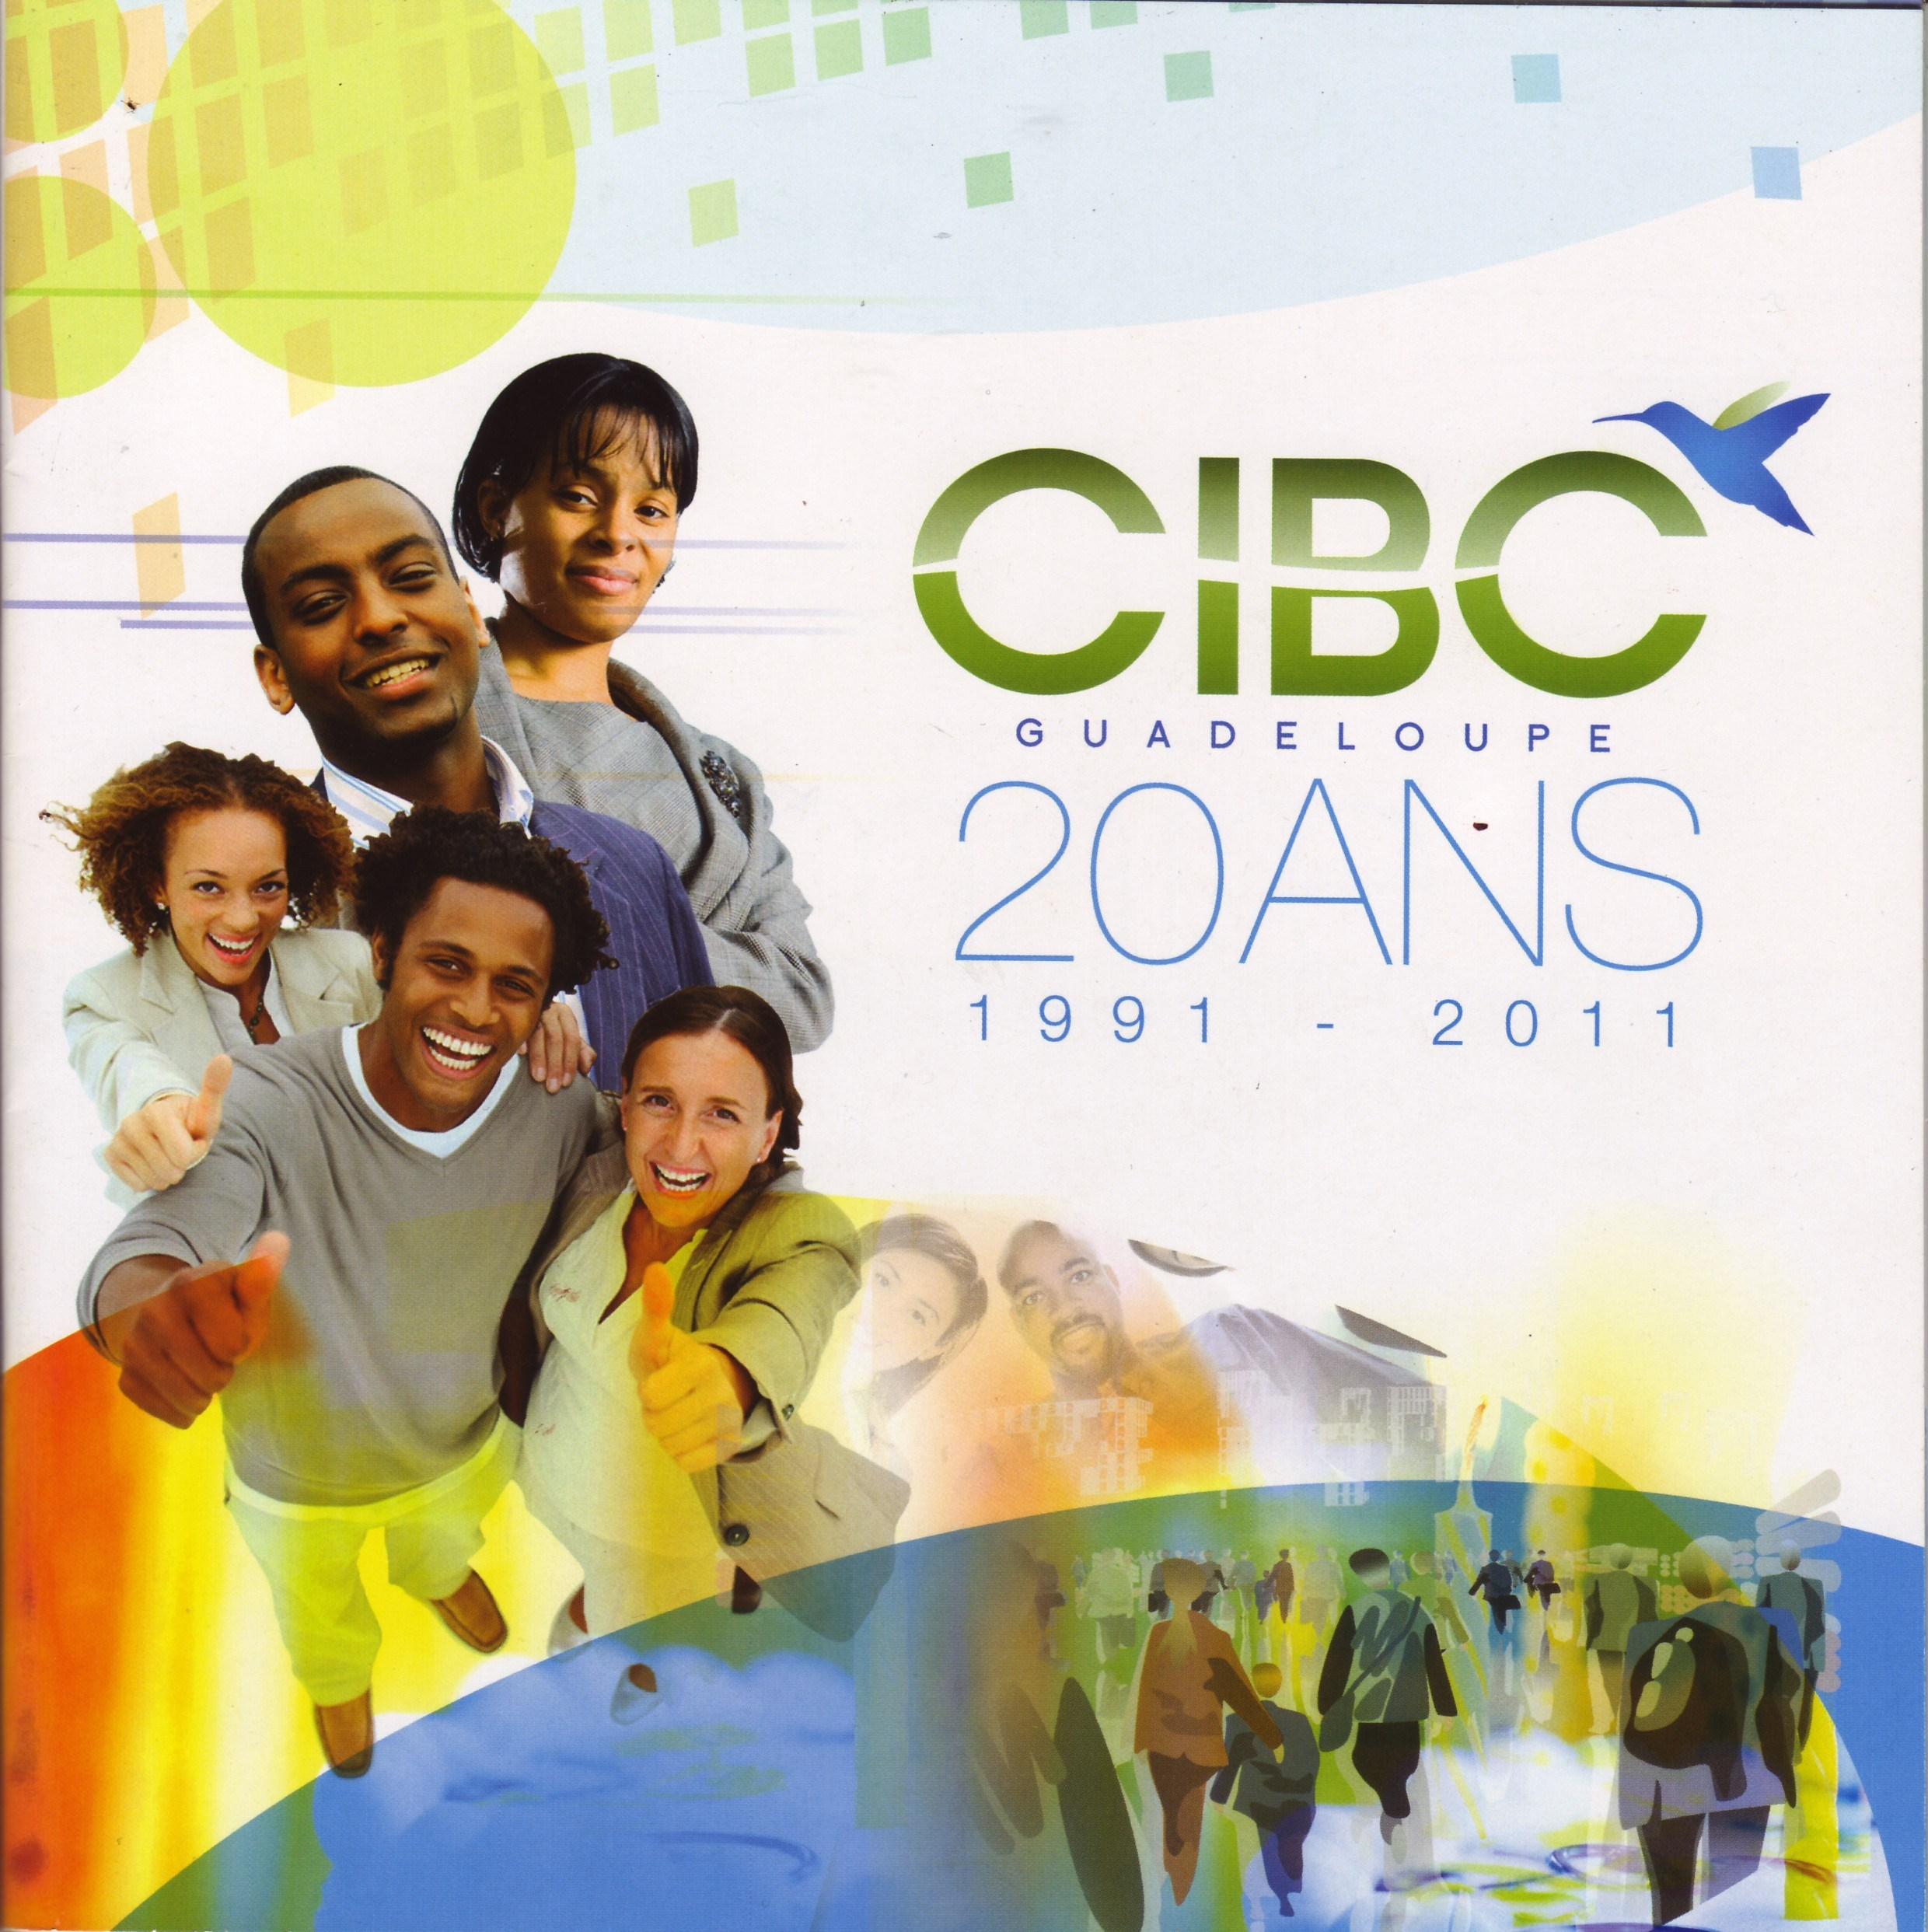 20ans CIBC